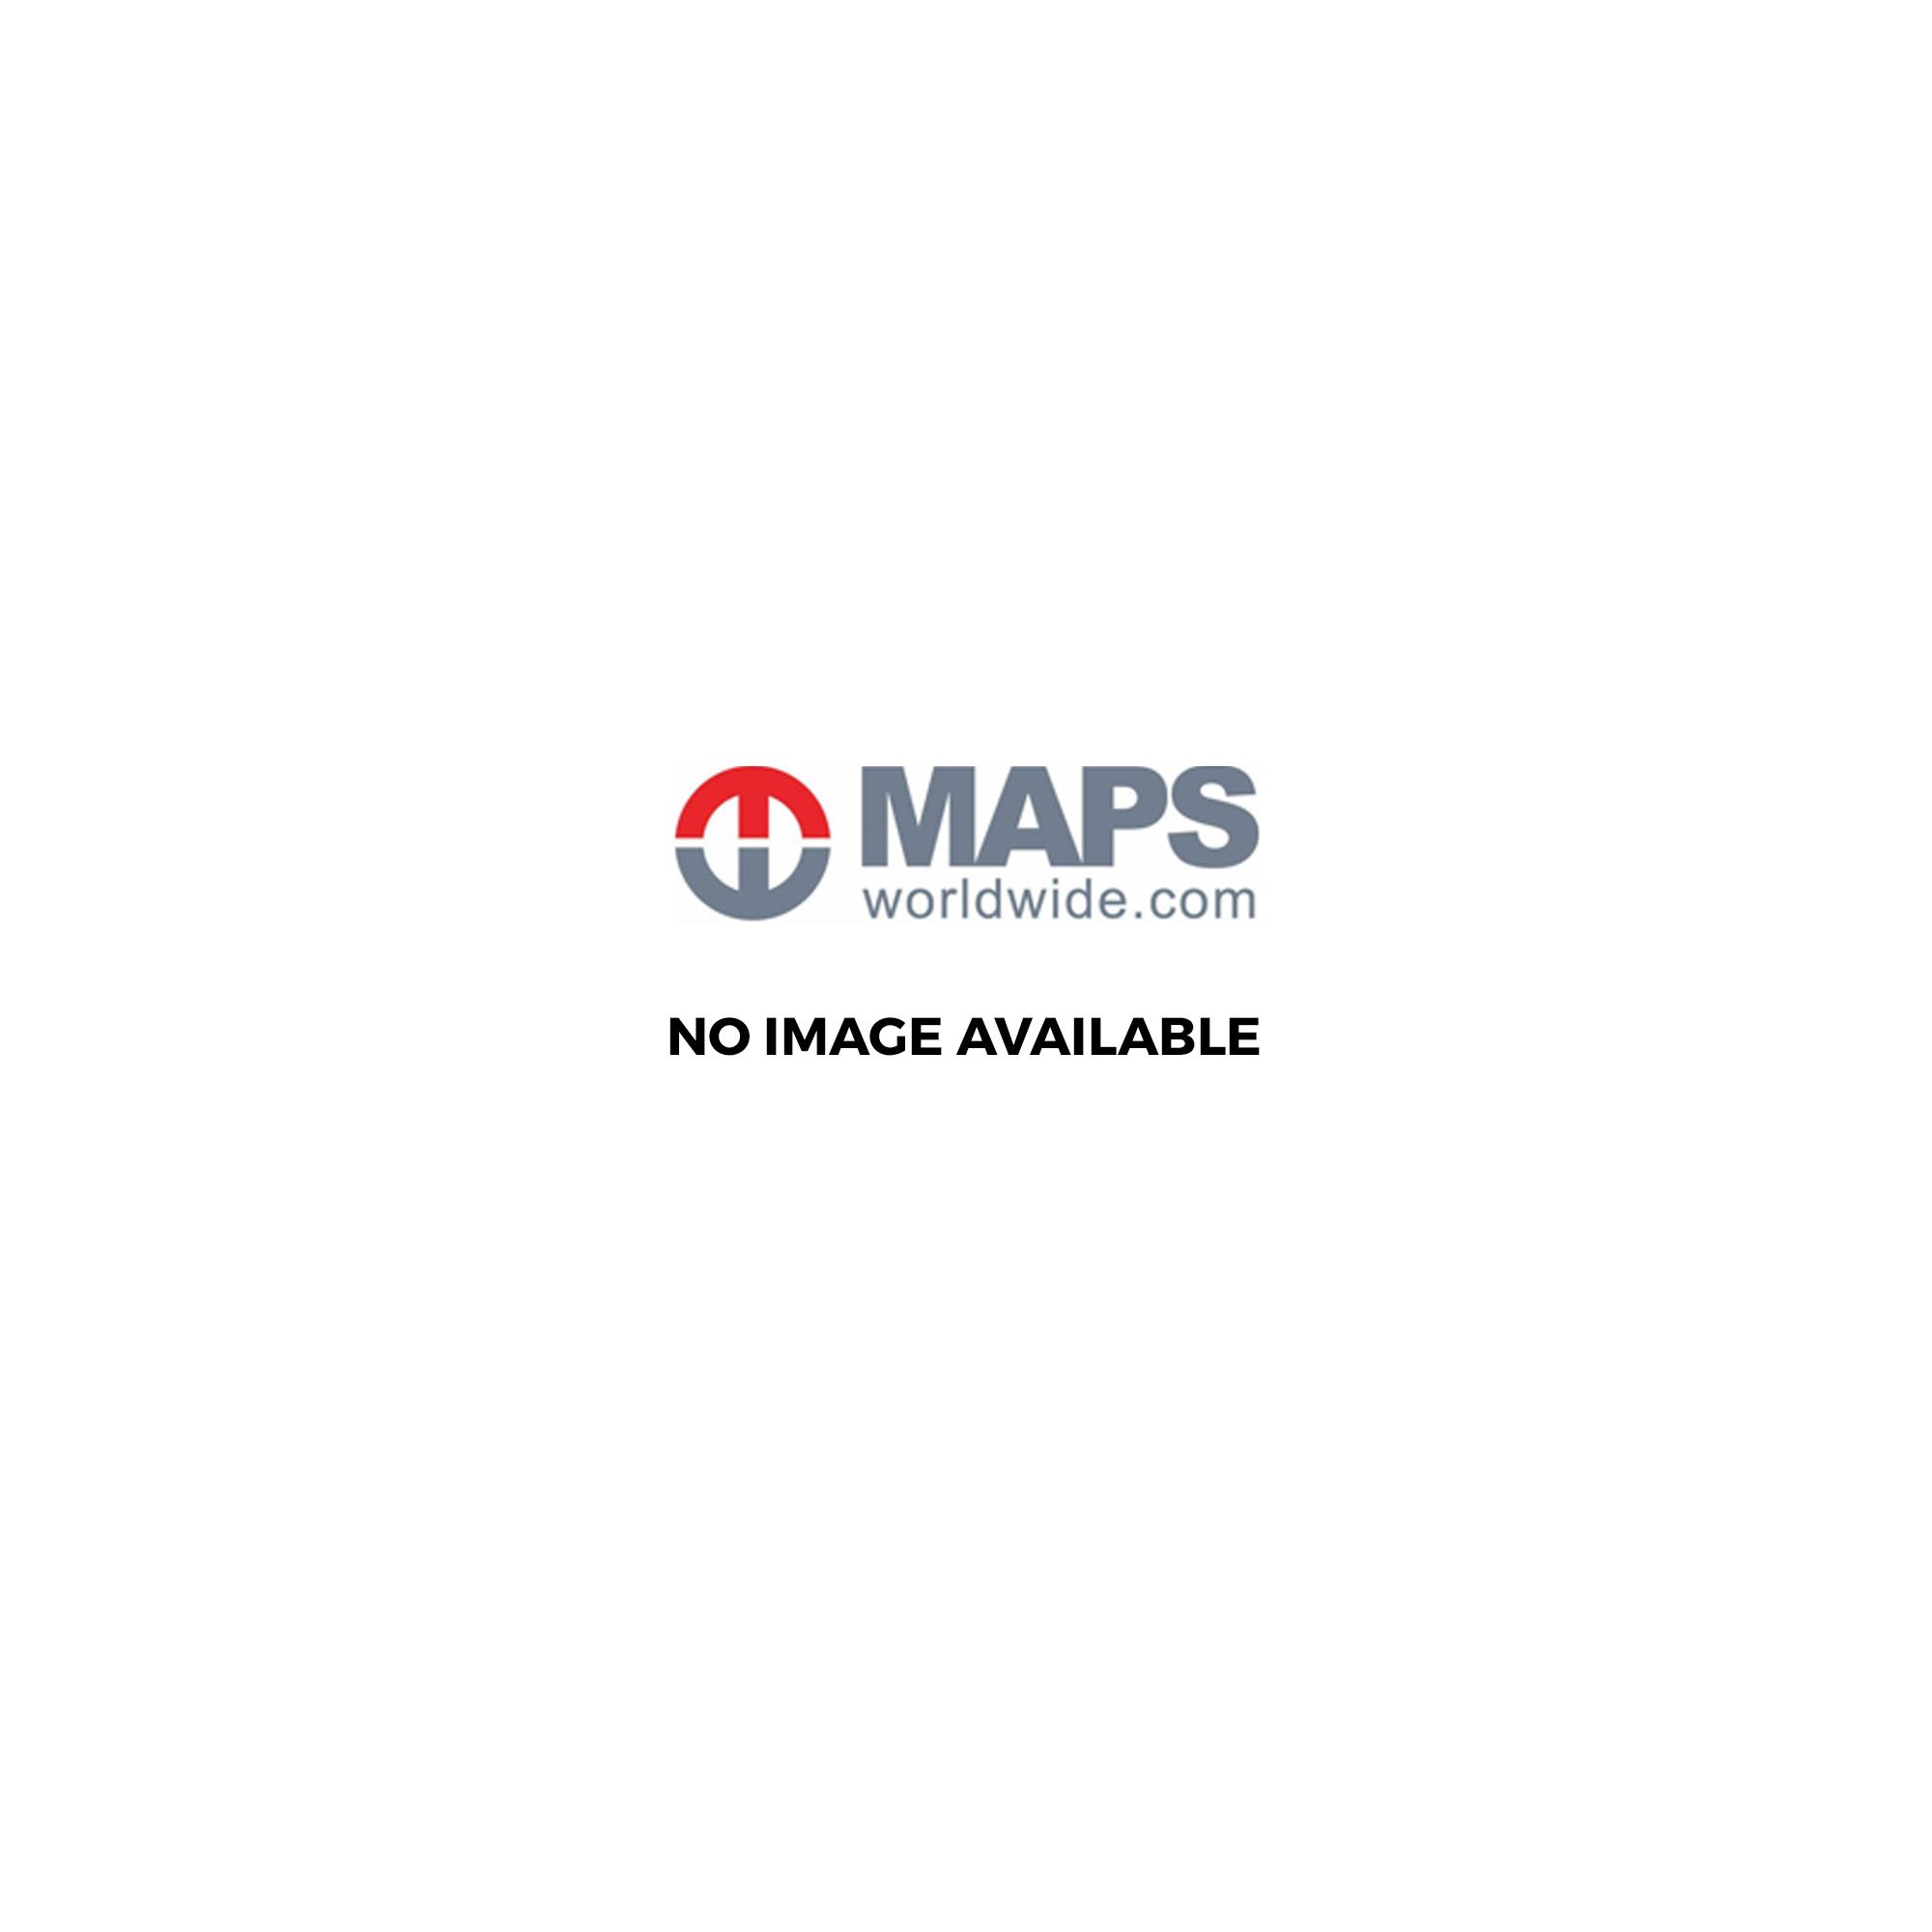 Map Of Spain Tenerife.Provincial Map Of Santa Cruz De Tenerife 200k Scale Maps Of Spain